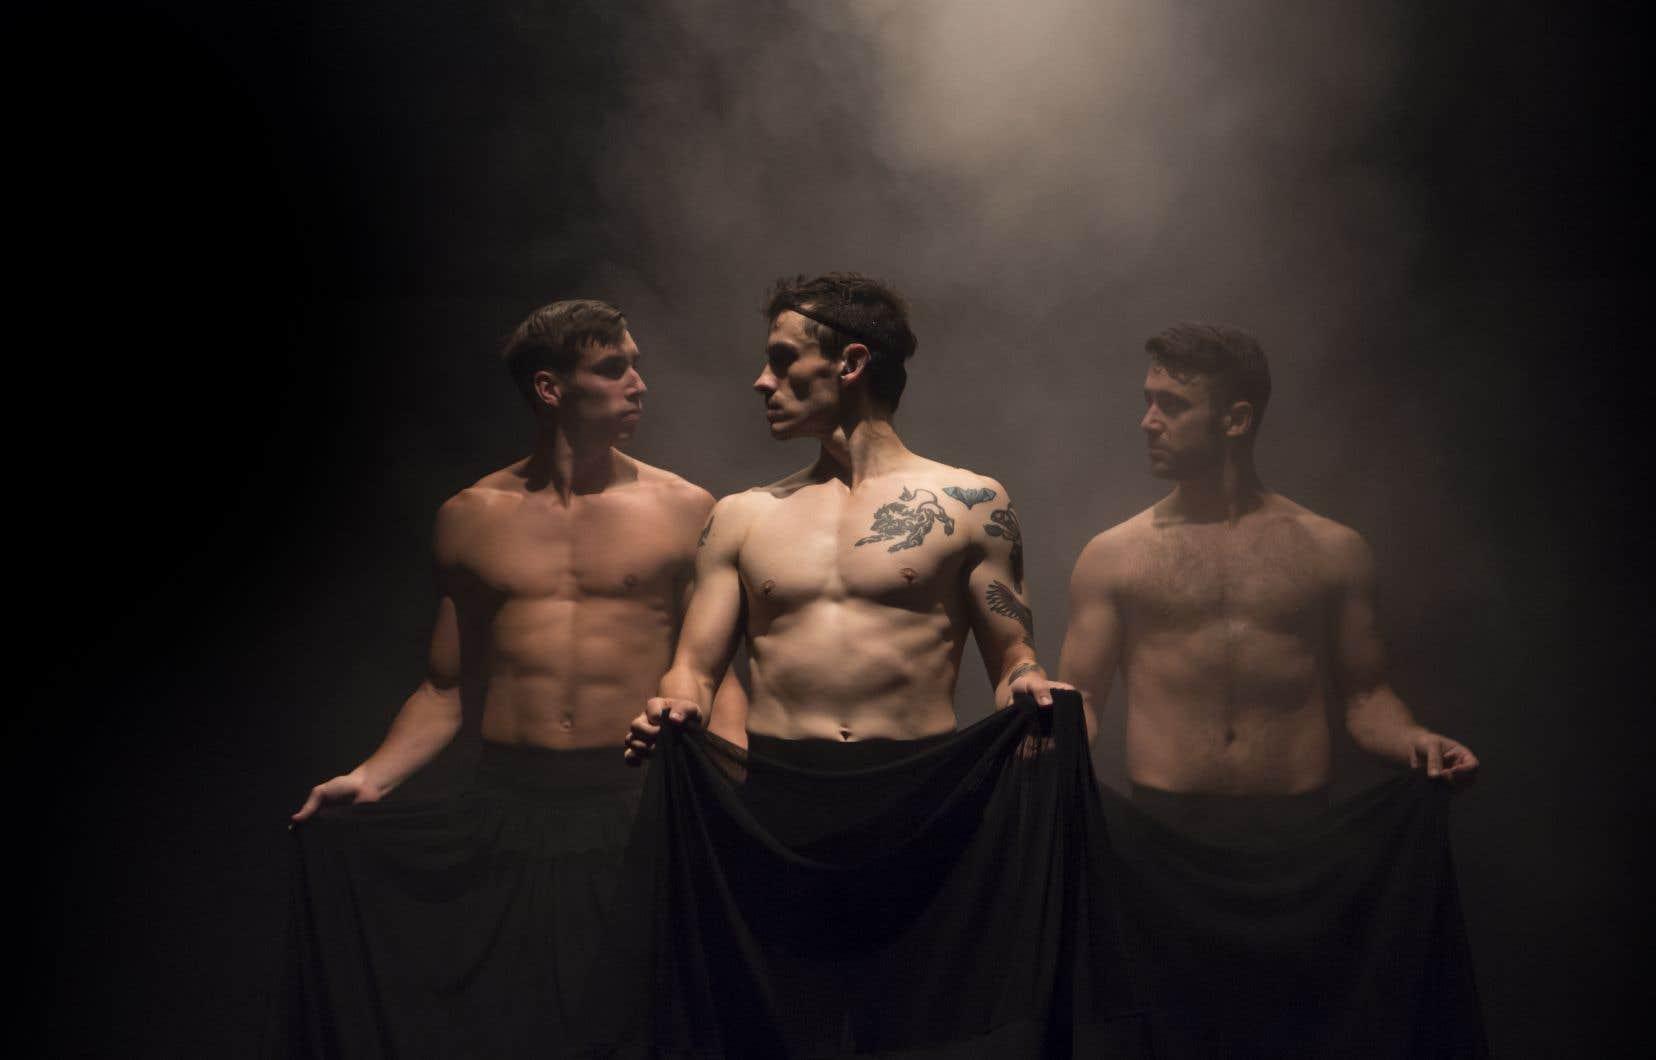 Les cruelles belle-mère et demi-soeurs sont incarnées par trois danseurs aux torses nus et munis de longs jupons.